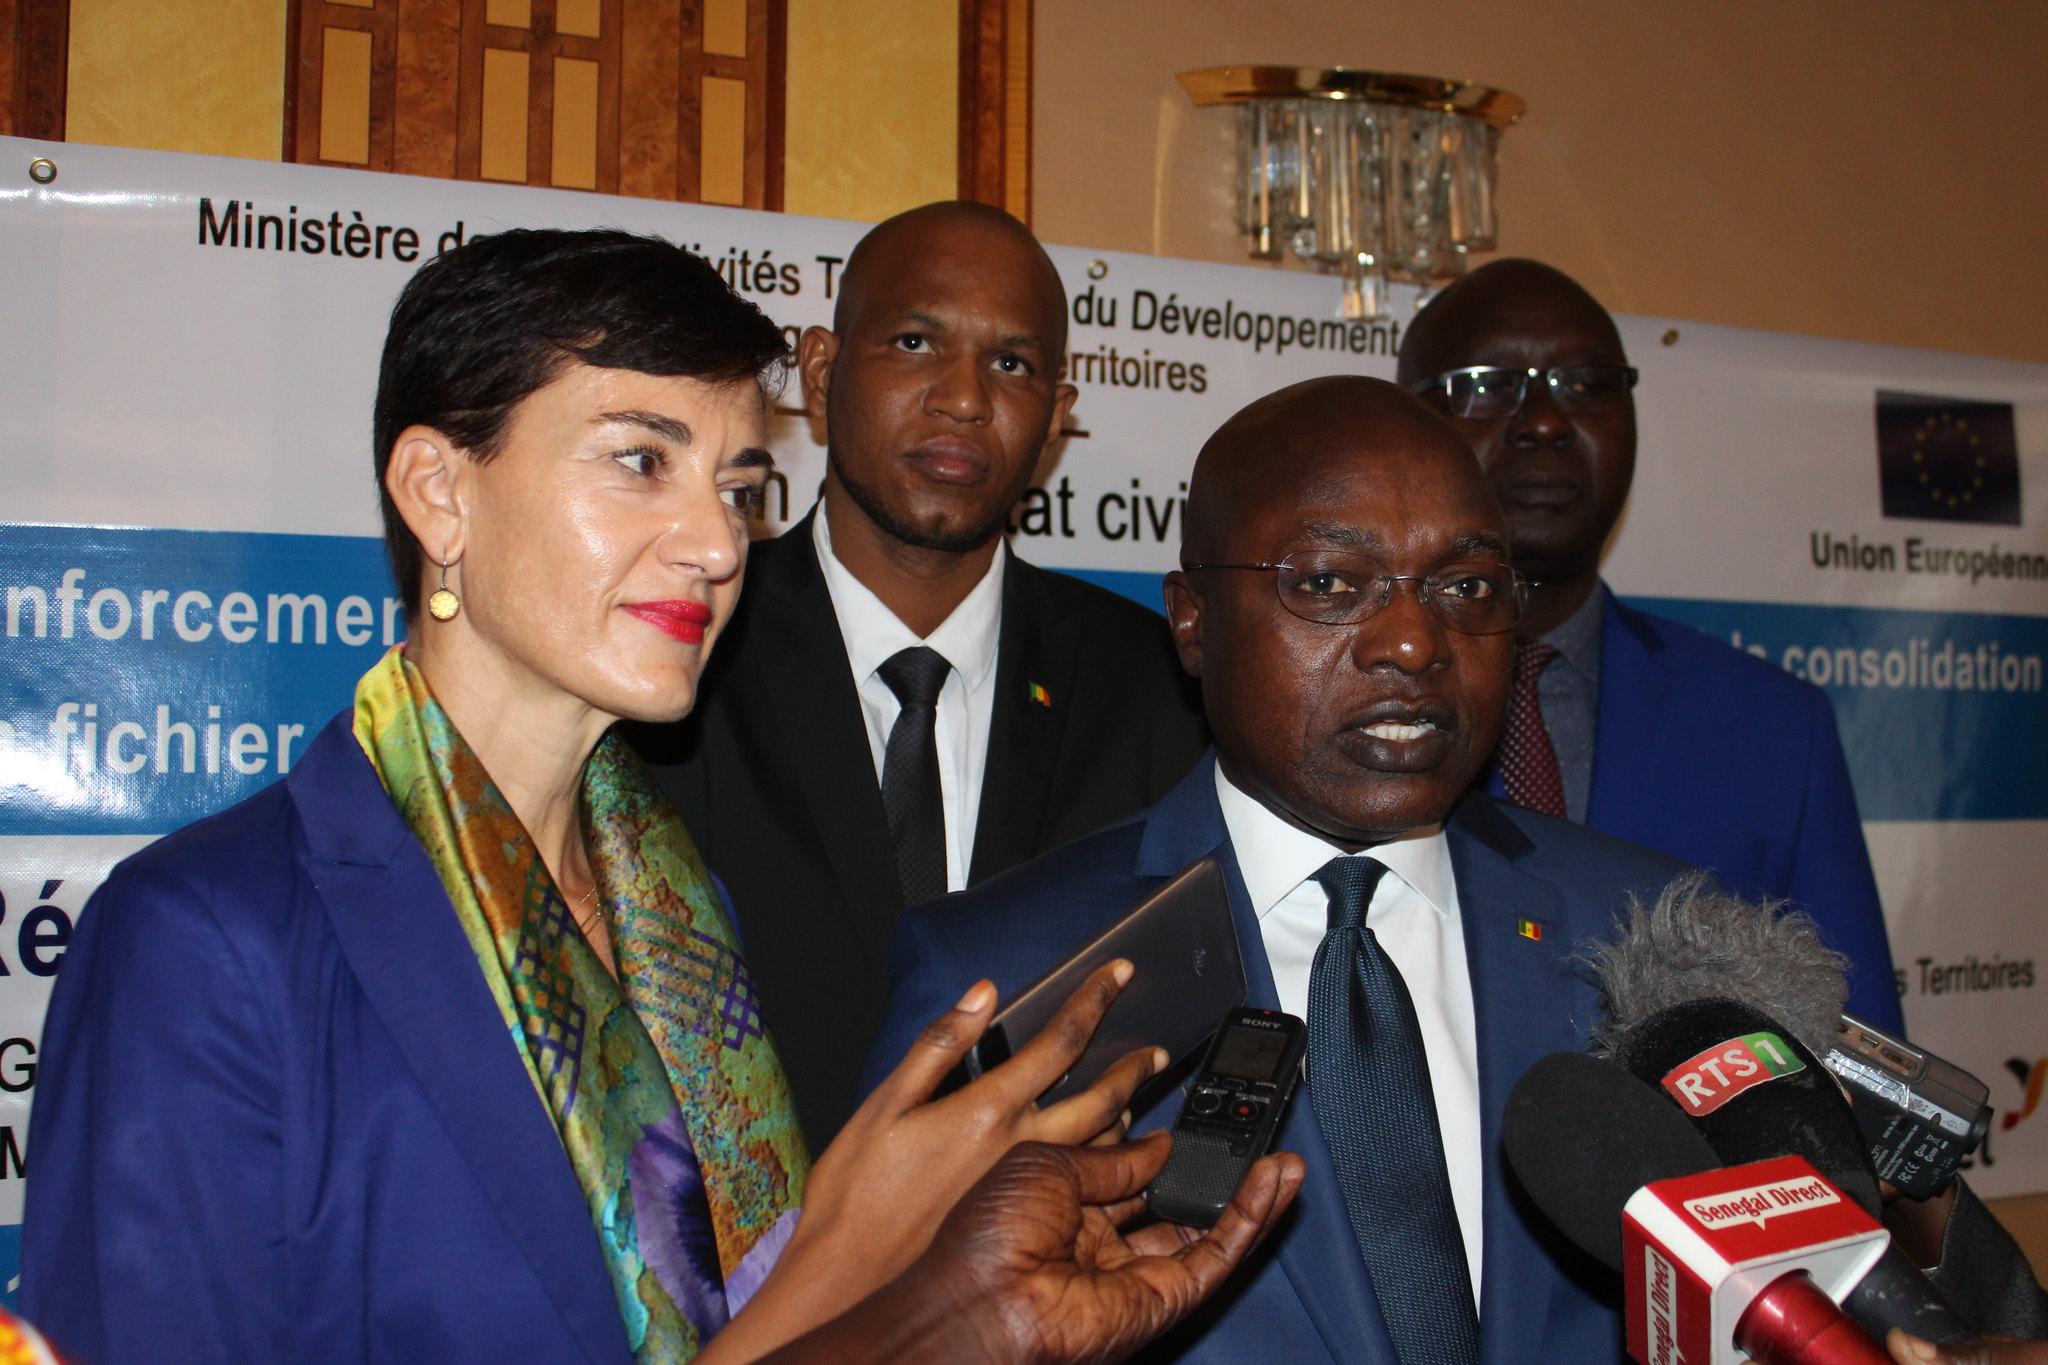 Programme Direction Etat Civil, Modernisation de l'Etat Civil au Sénégal, Aliou Ousmane Sall Directeur de l'Etat Civil Sénégal (3)